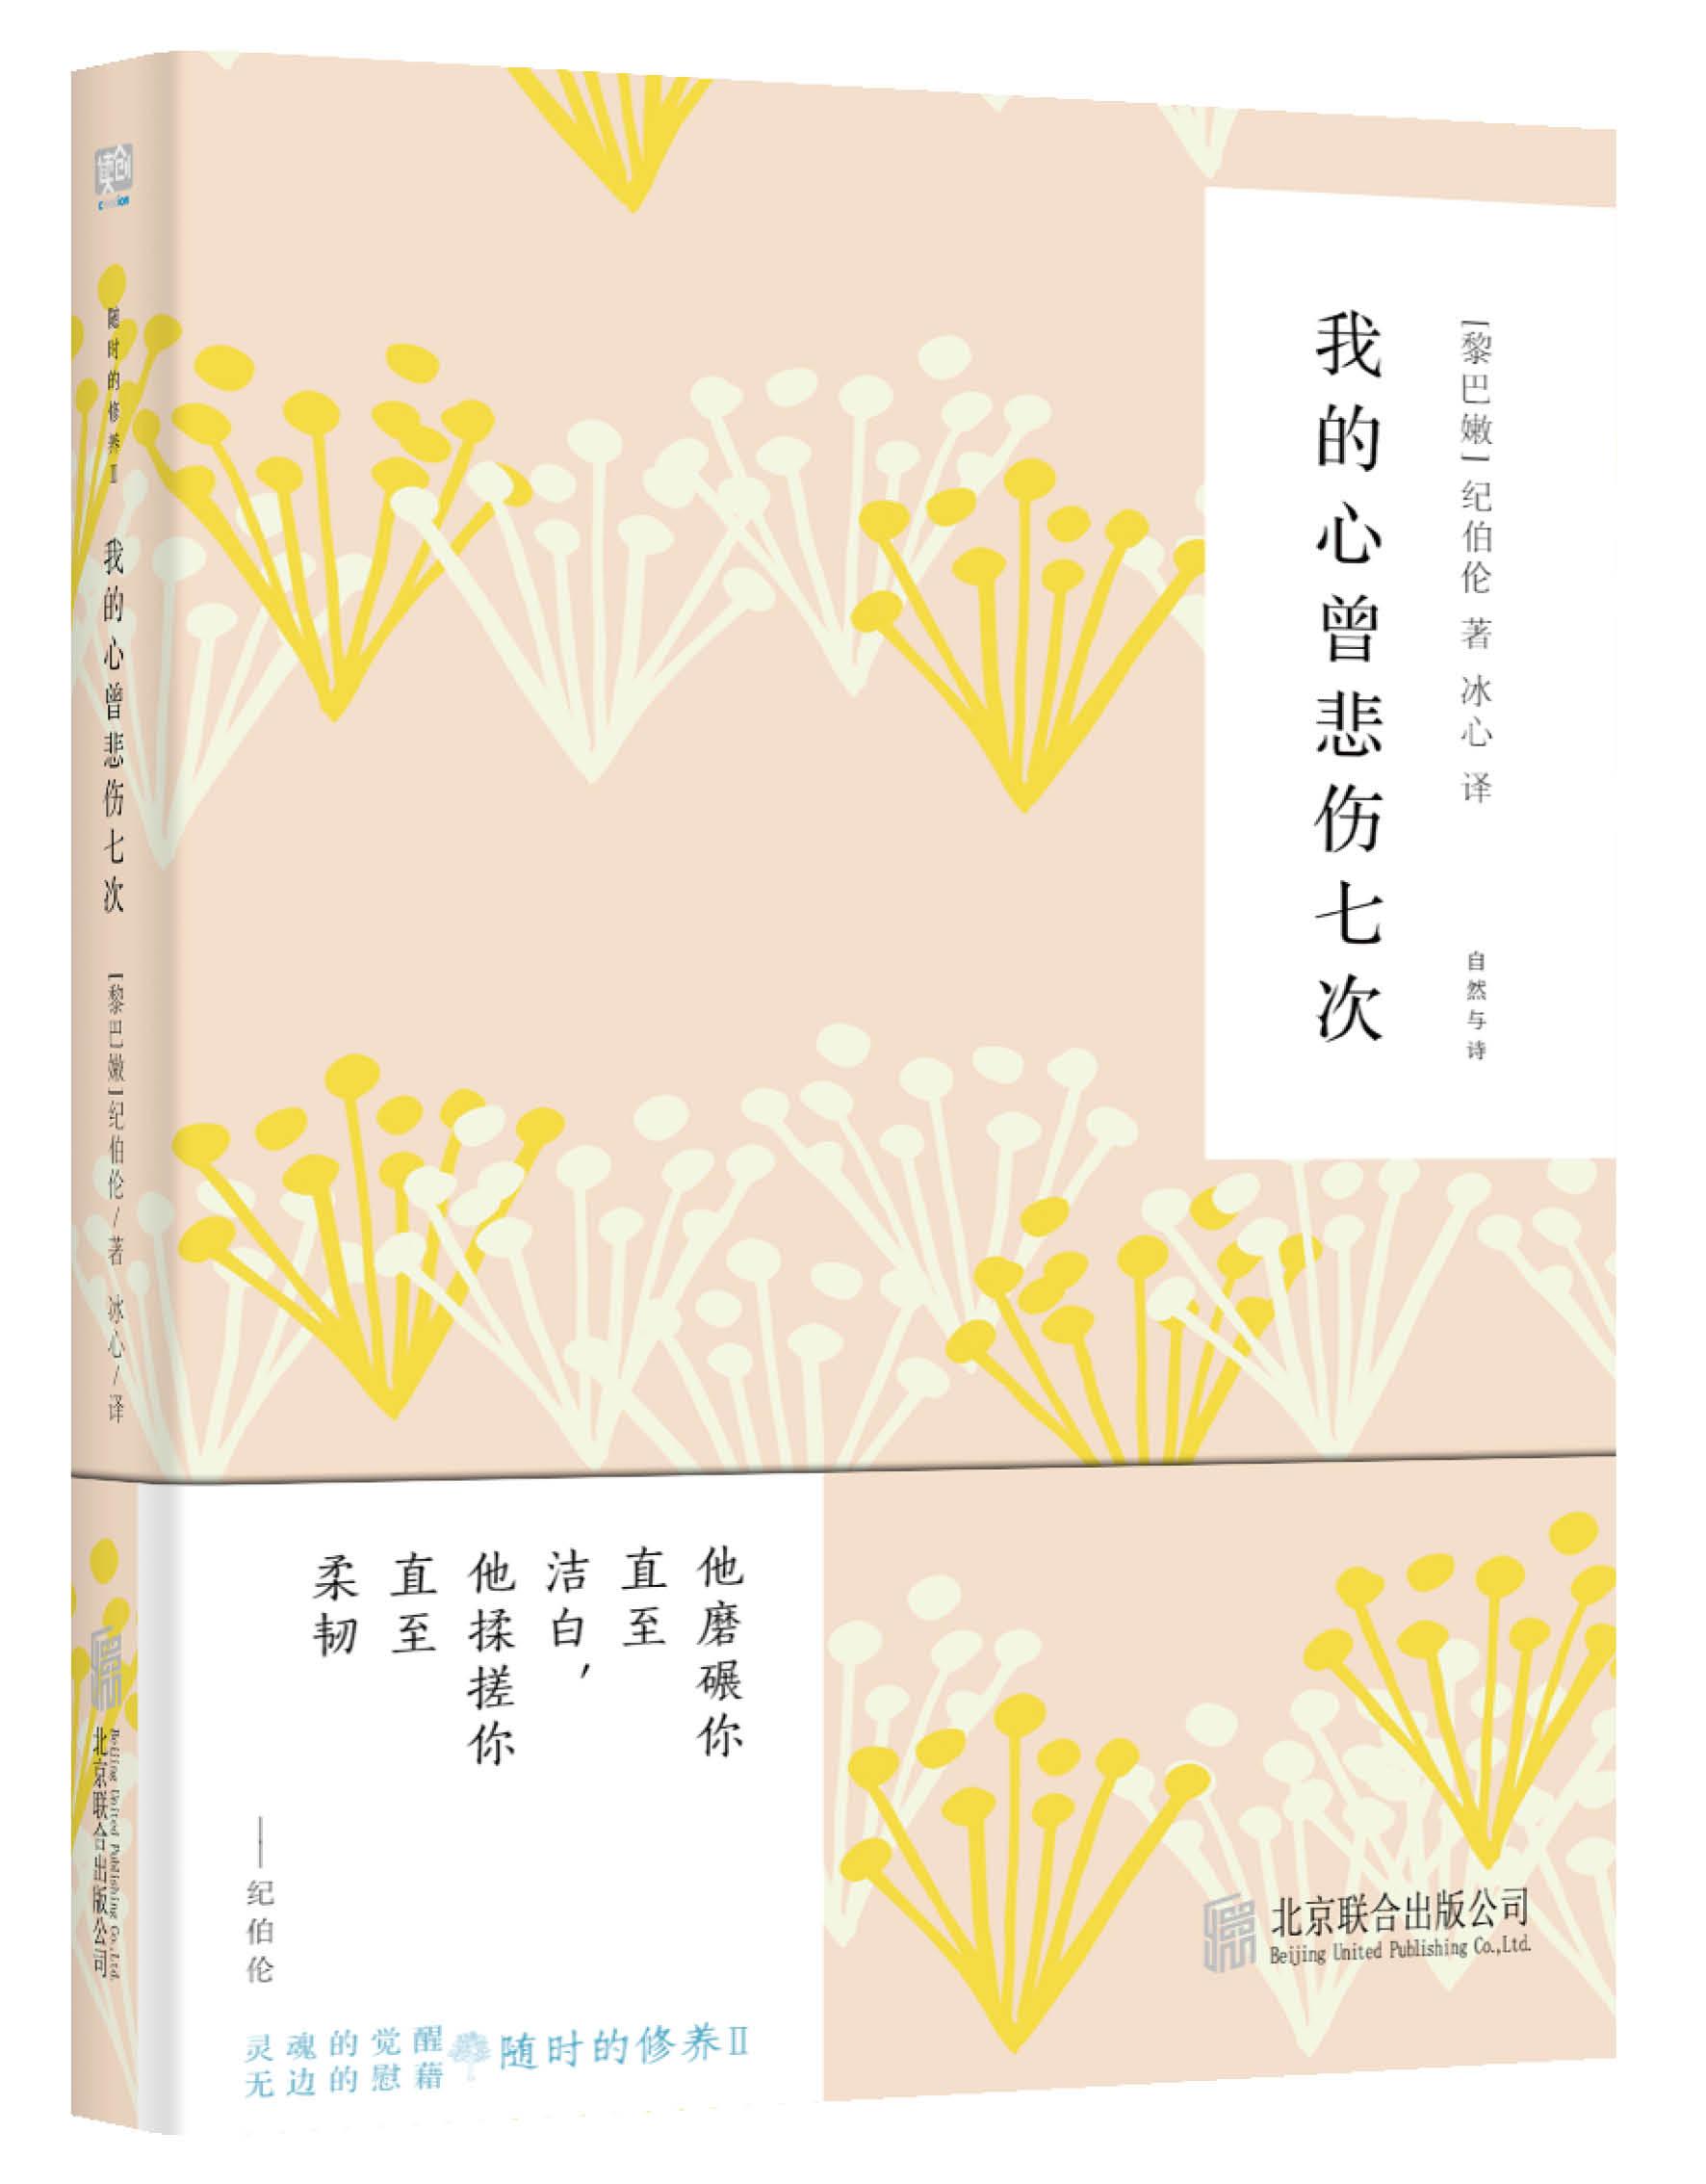 【北京联合出版公司】随时的修养II:我的心曾悲伤七次 纪伯伦 把一天的时间,分配一些给自然、诗意与哲思 散文随笔 当当网